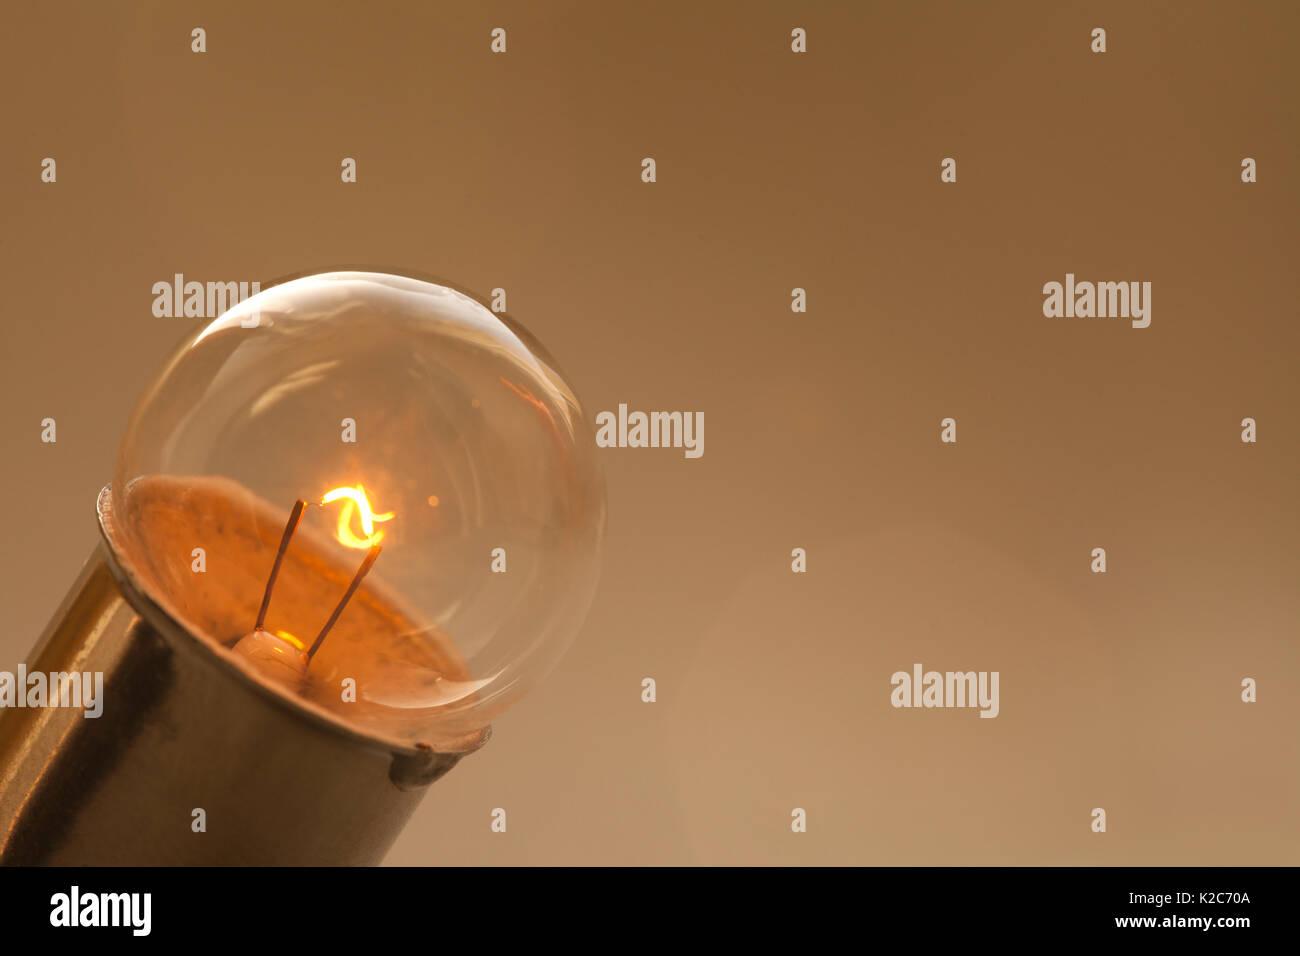 Bombilla incandescente de oro sobre fondo marrón. Lámparas de estilo retro con superficie esférica ideal y elemento de filamento. Ver, copiar macros espacio Imagen De Stock